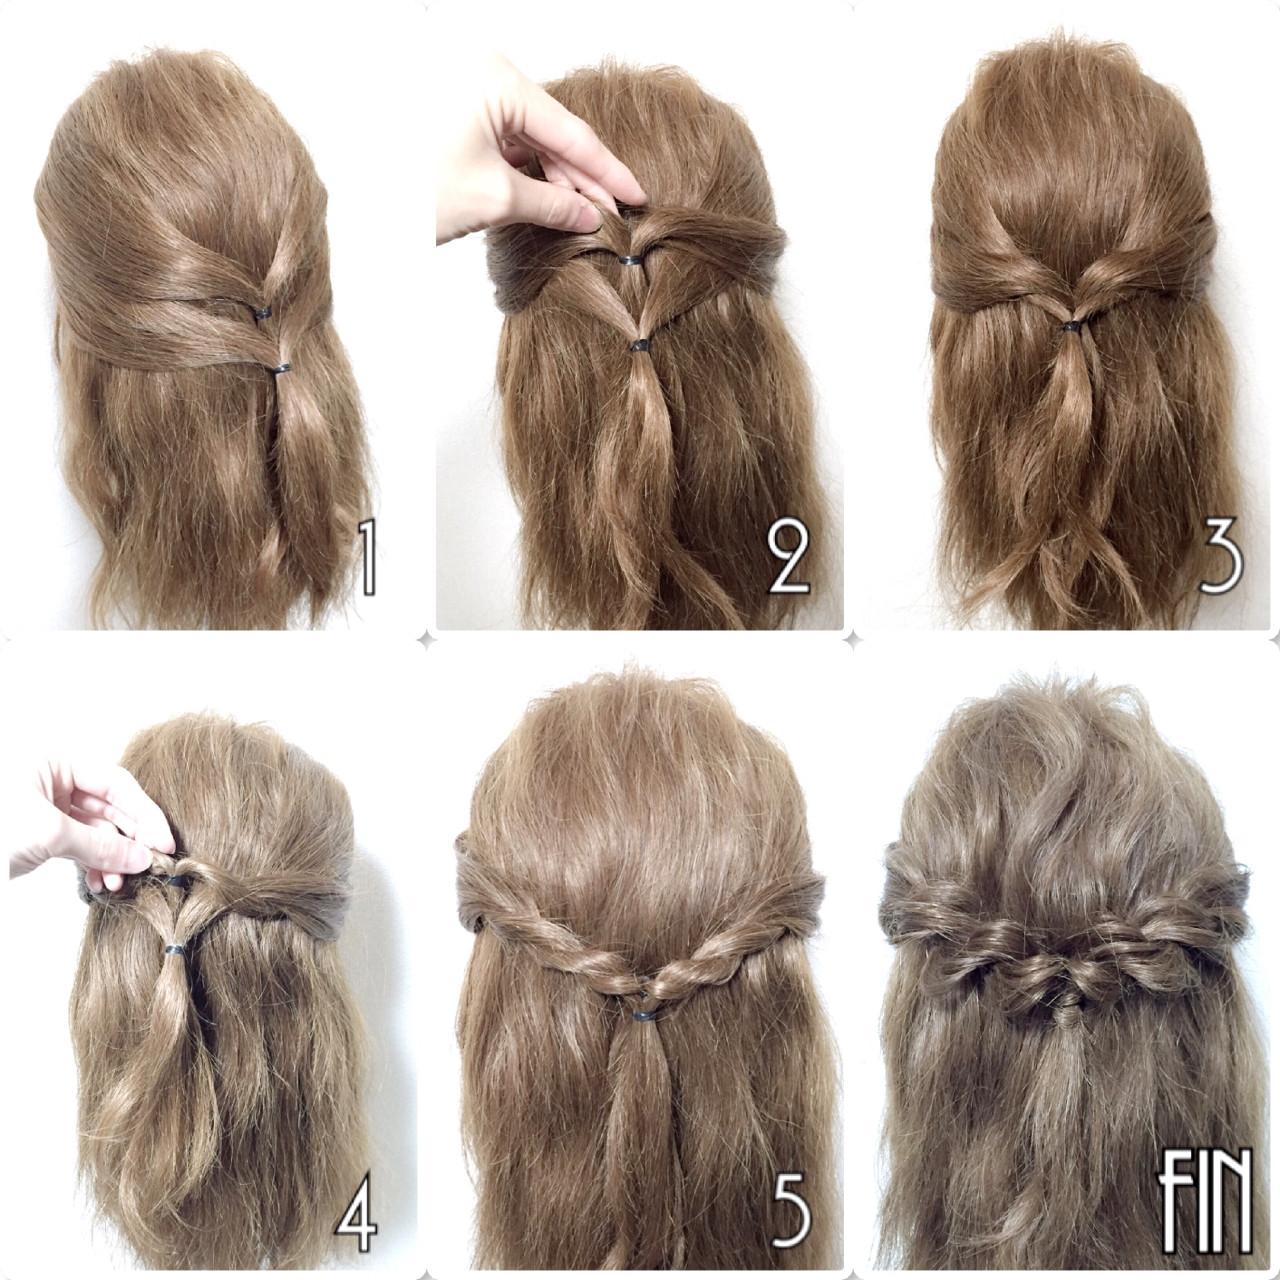 片側ずつねじるのが難しい!そんな方には特におすすめ! 両サイドの耳上から髪を後ろに持ってきて\u2026 \u203bこの時トップの髪を巻きこまないよう注意!